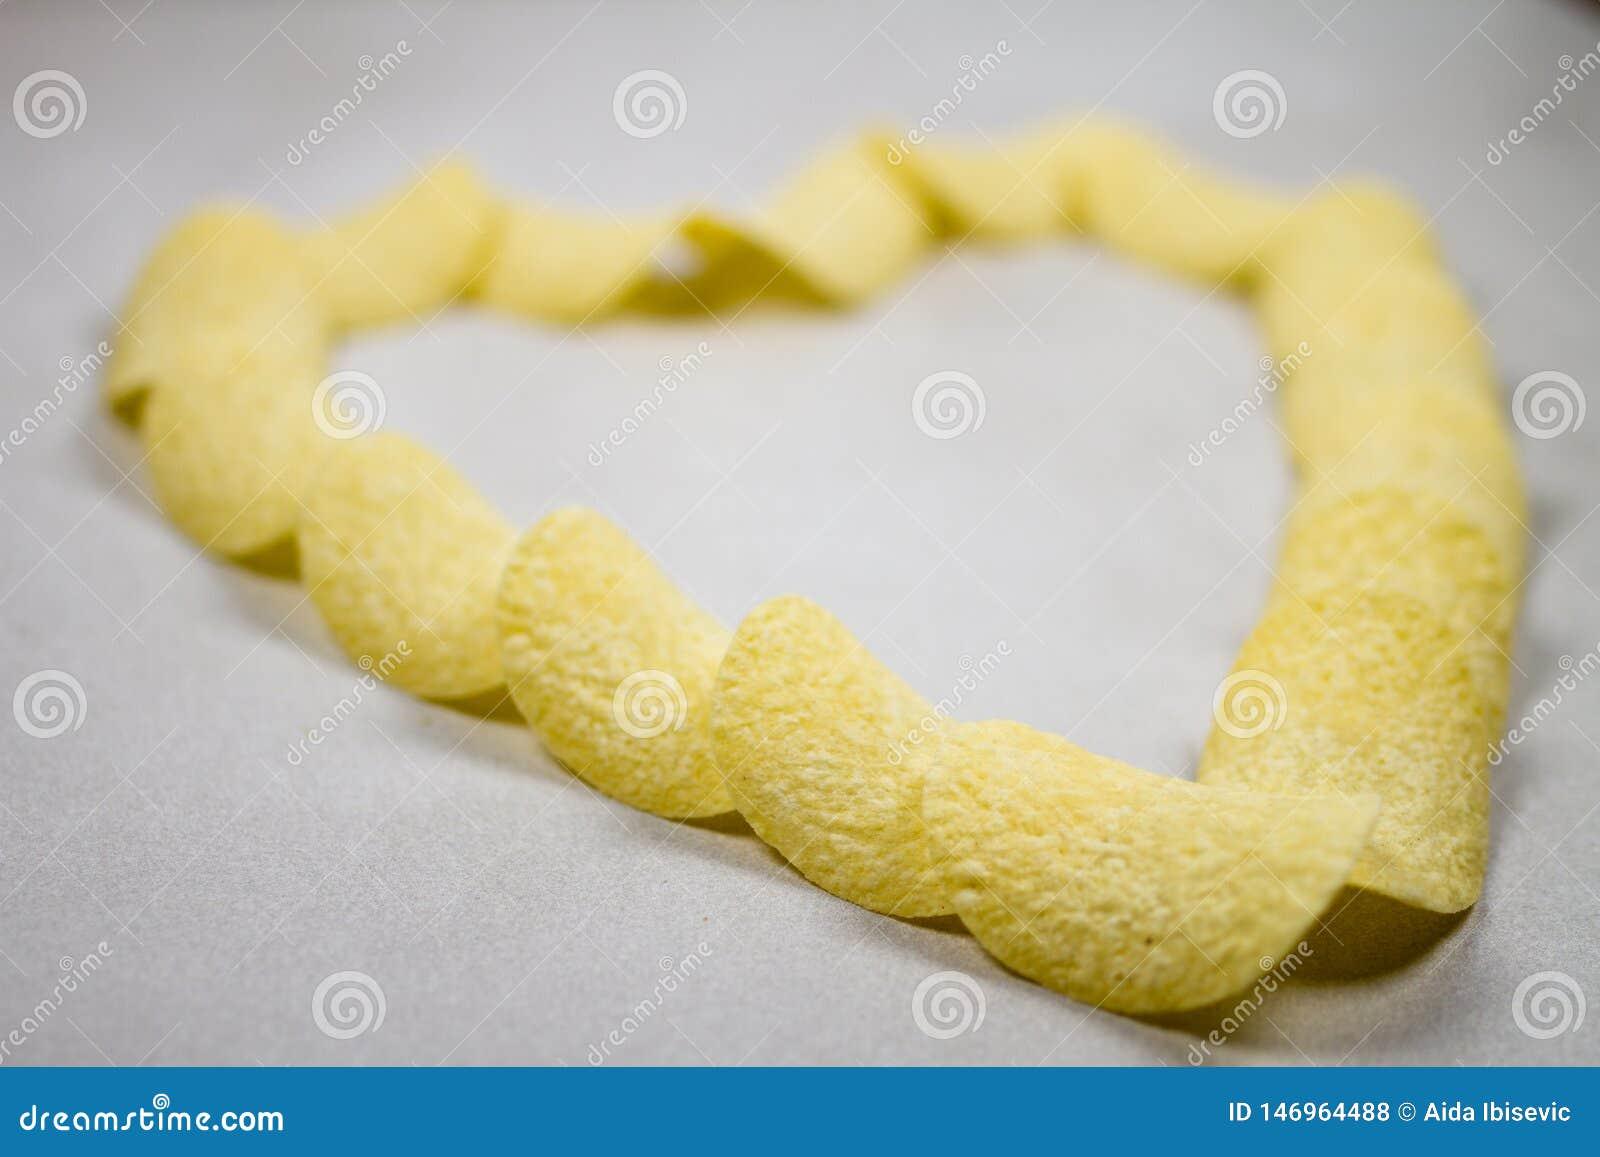 Χρυσή σύνθεση σχηματισμού καρδιών τσιπ πατατών που απομονώνεται πέρα από το ανοικτό γκρι γκρίζο άσπρο υπόβαθρο